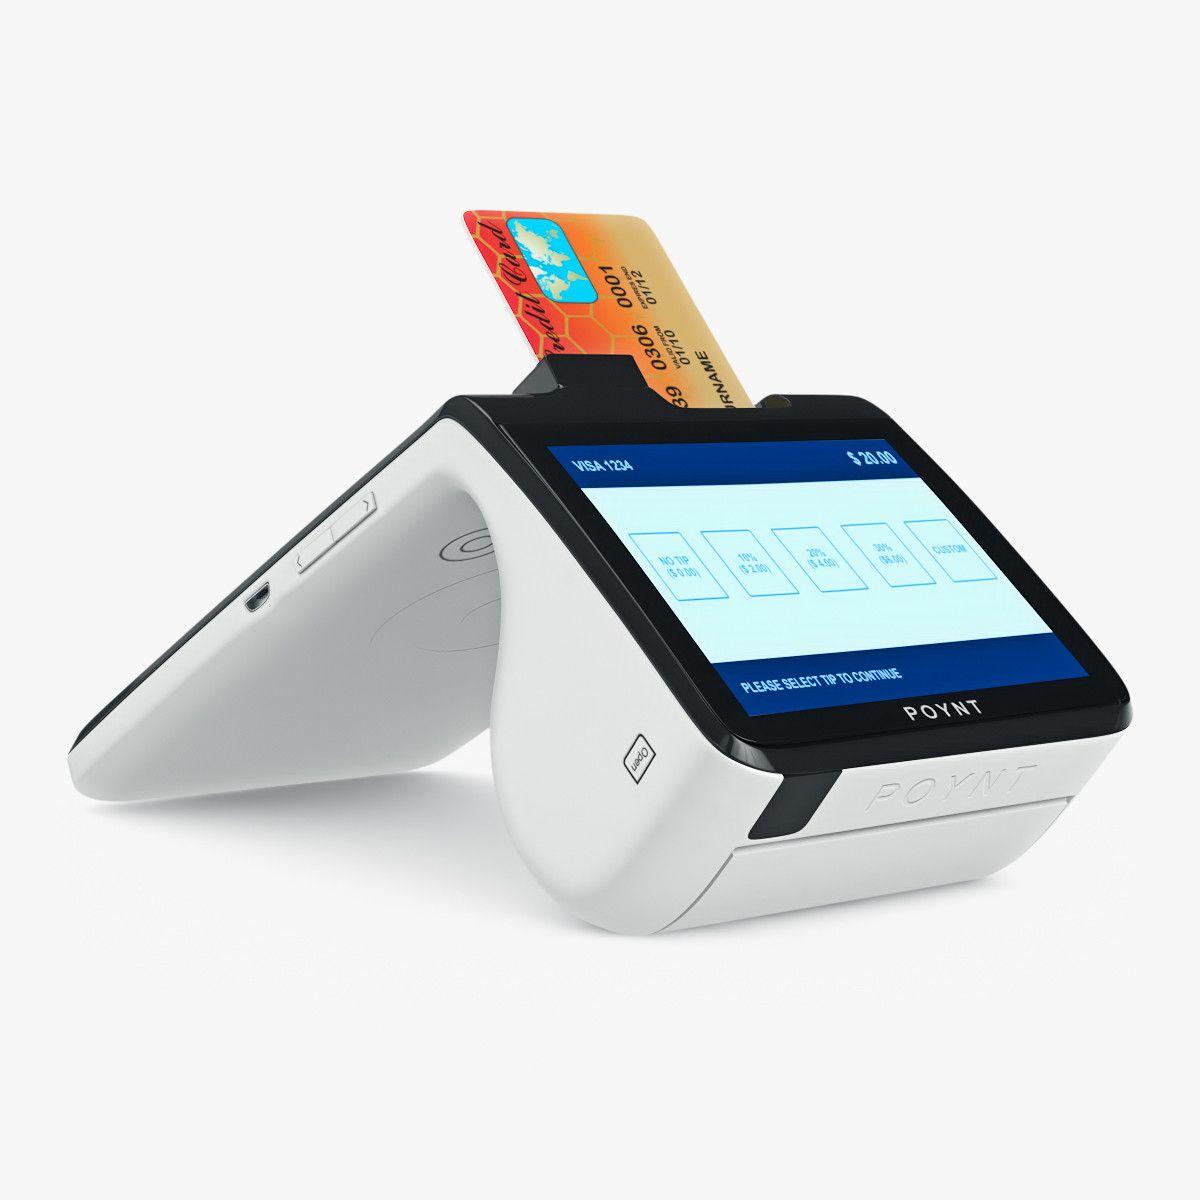 3d poynt smart payment terminal이미지 포함